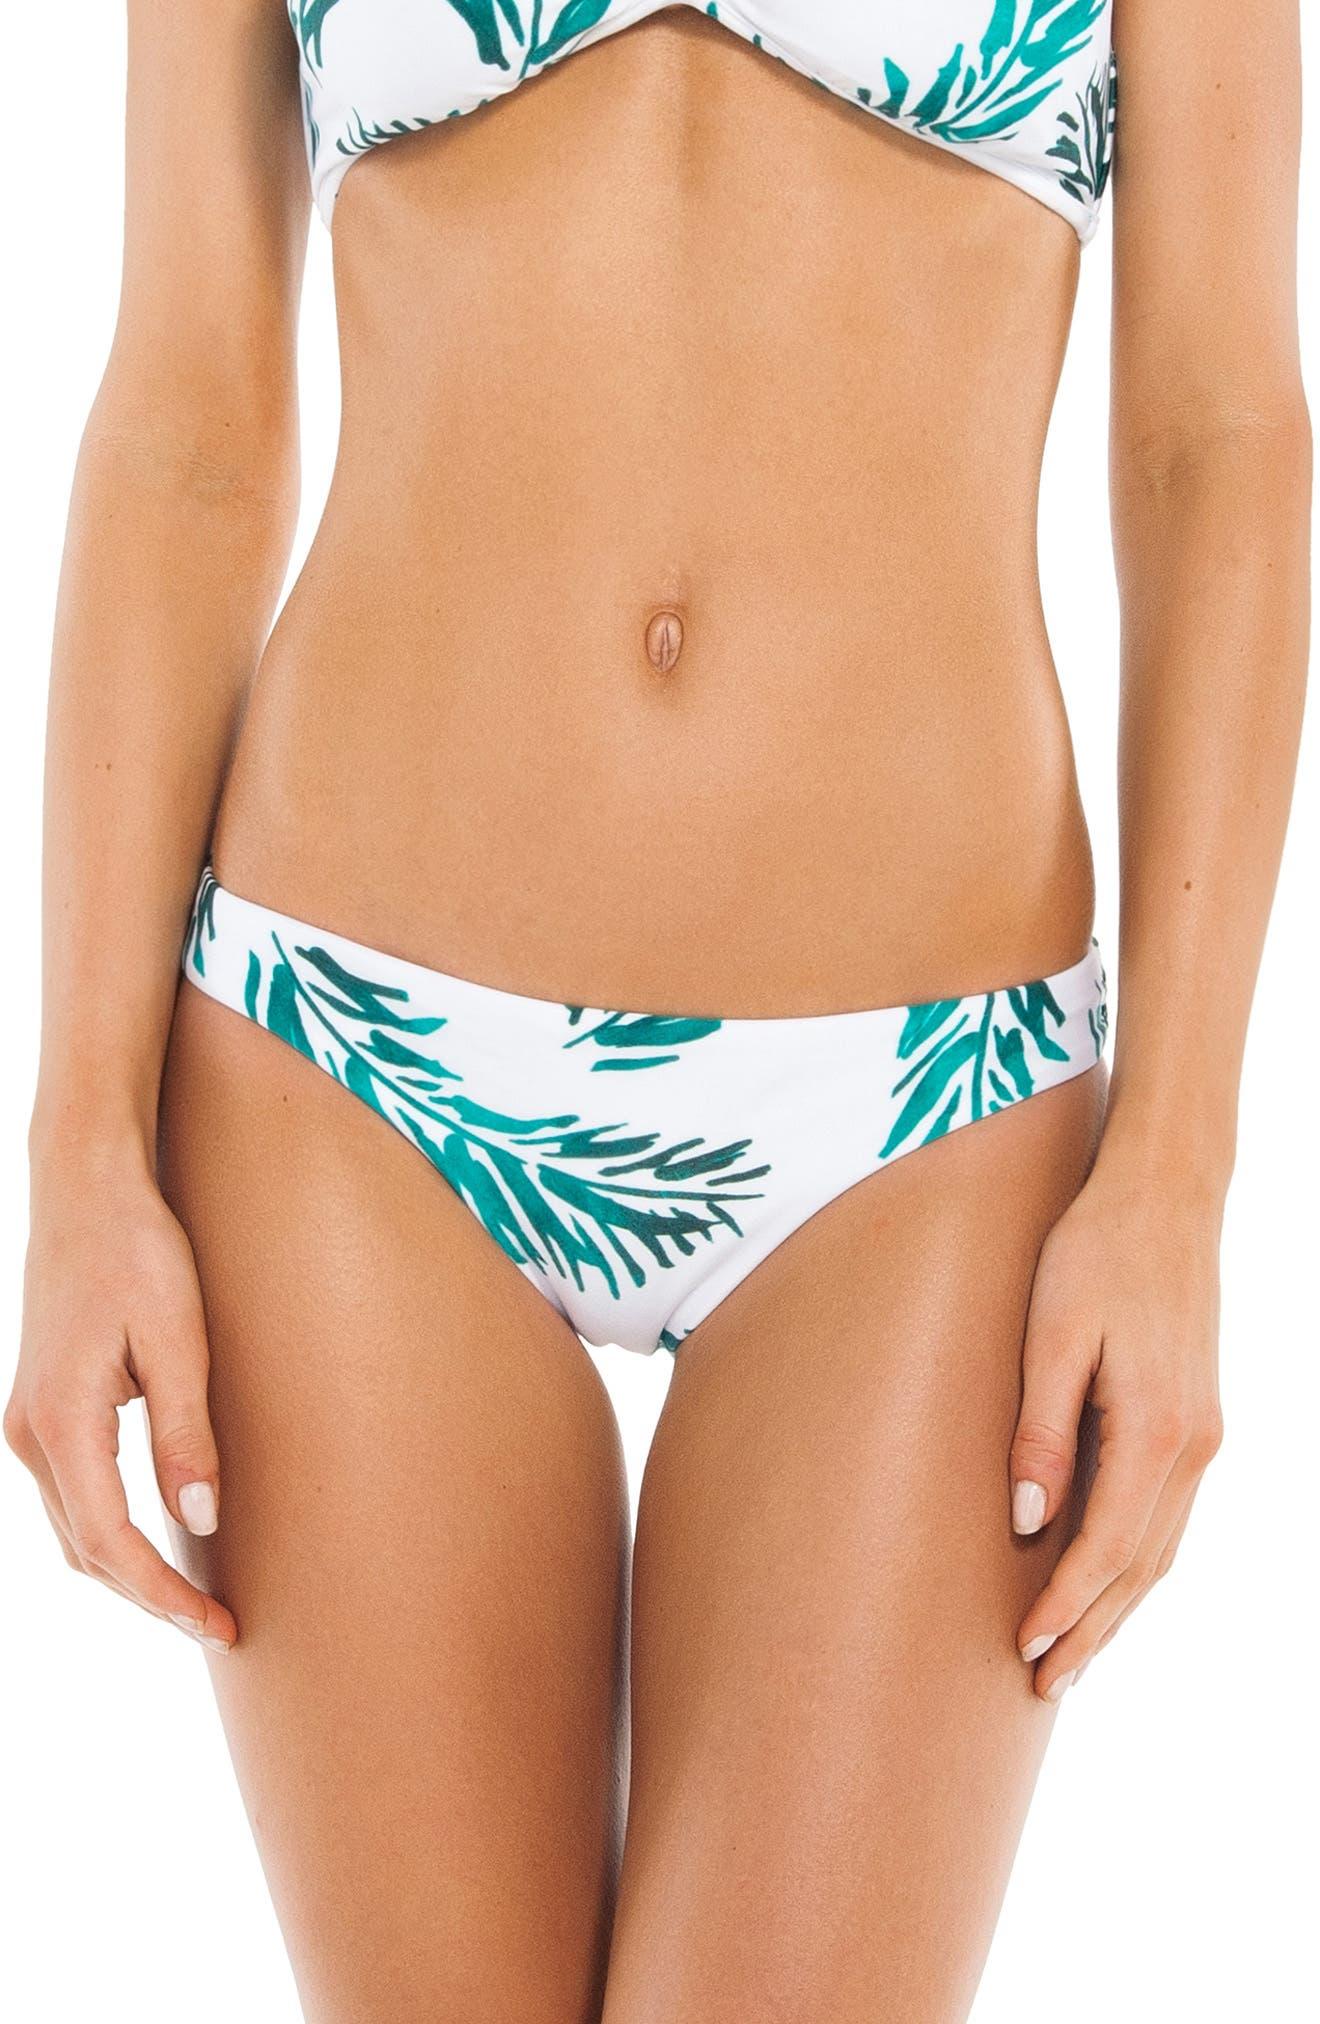 Tulum Print Bikini Bottoms,                             Main thumbnail 1, color,                             100